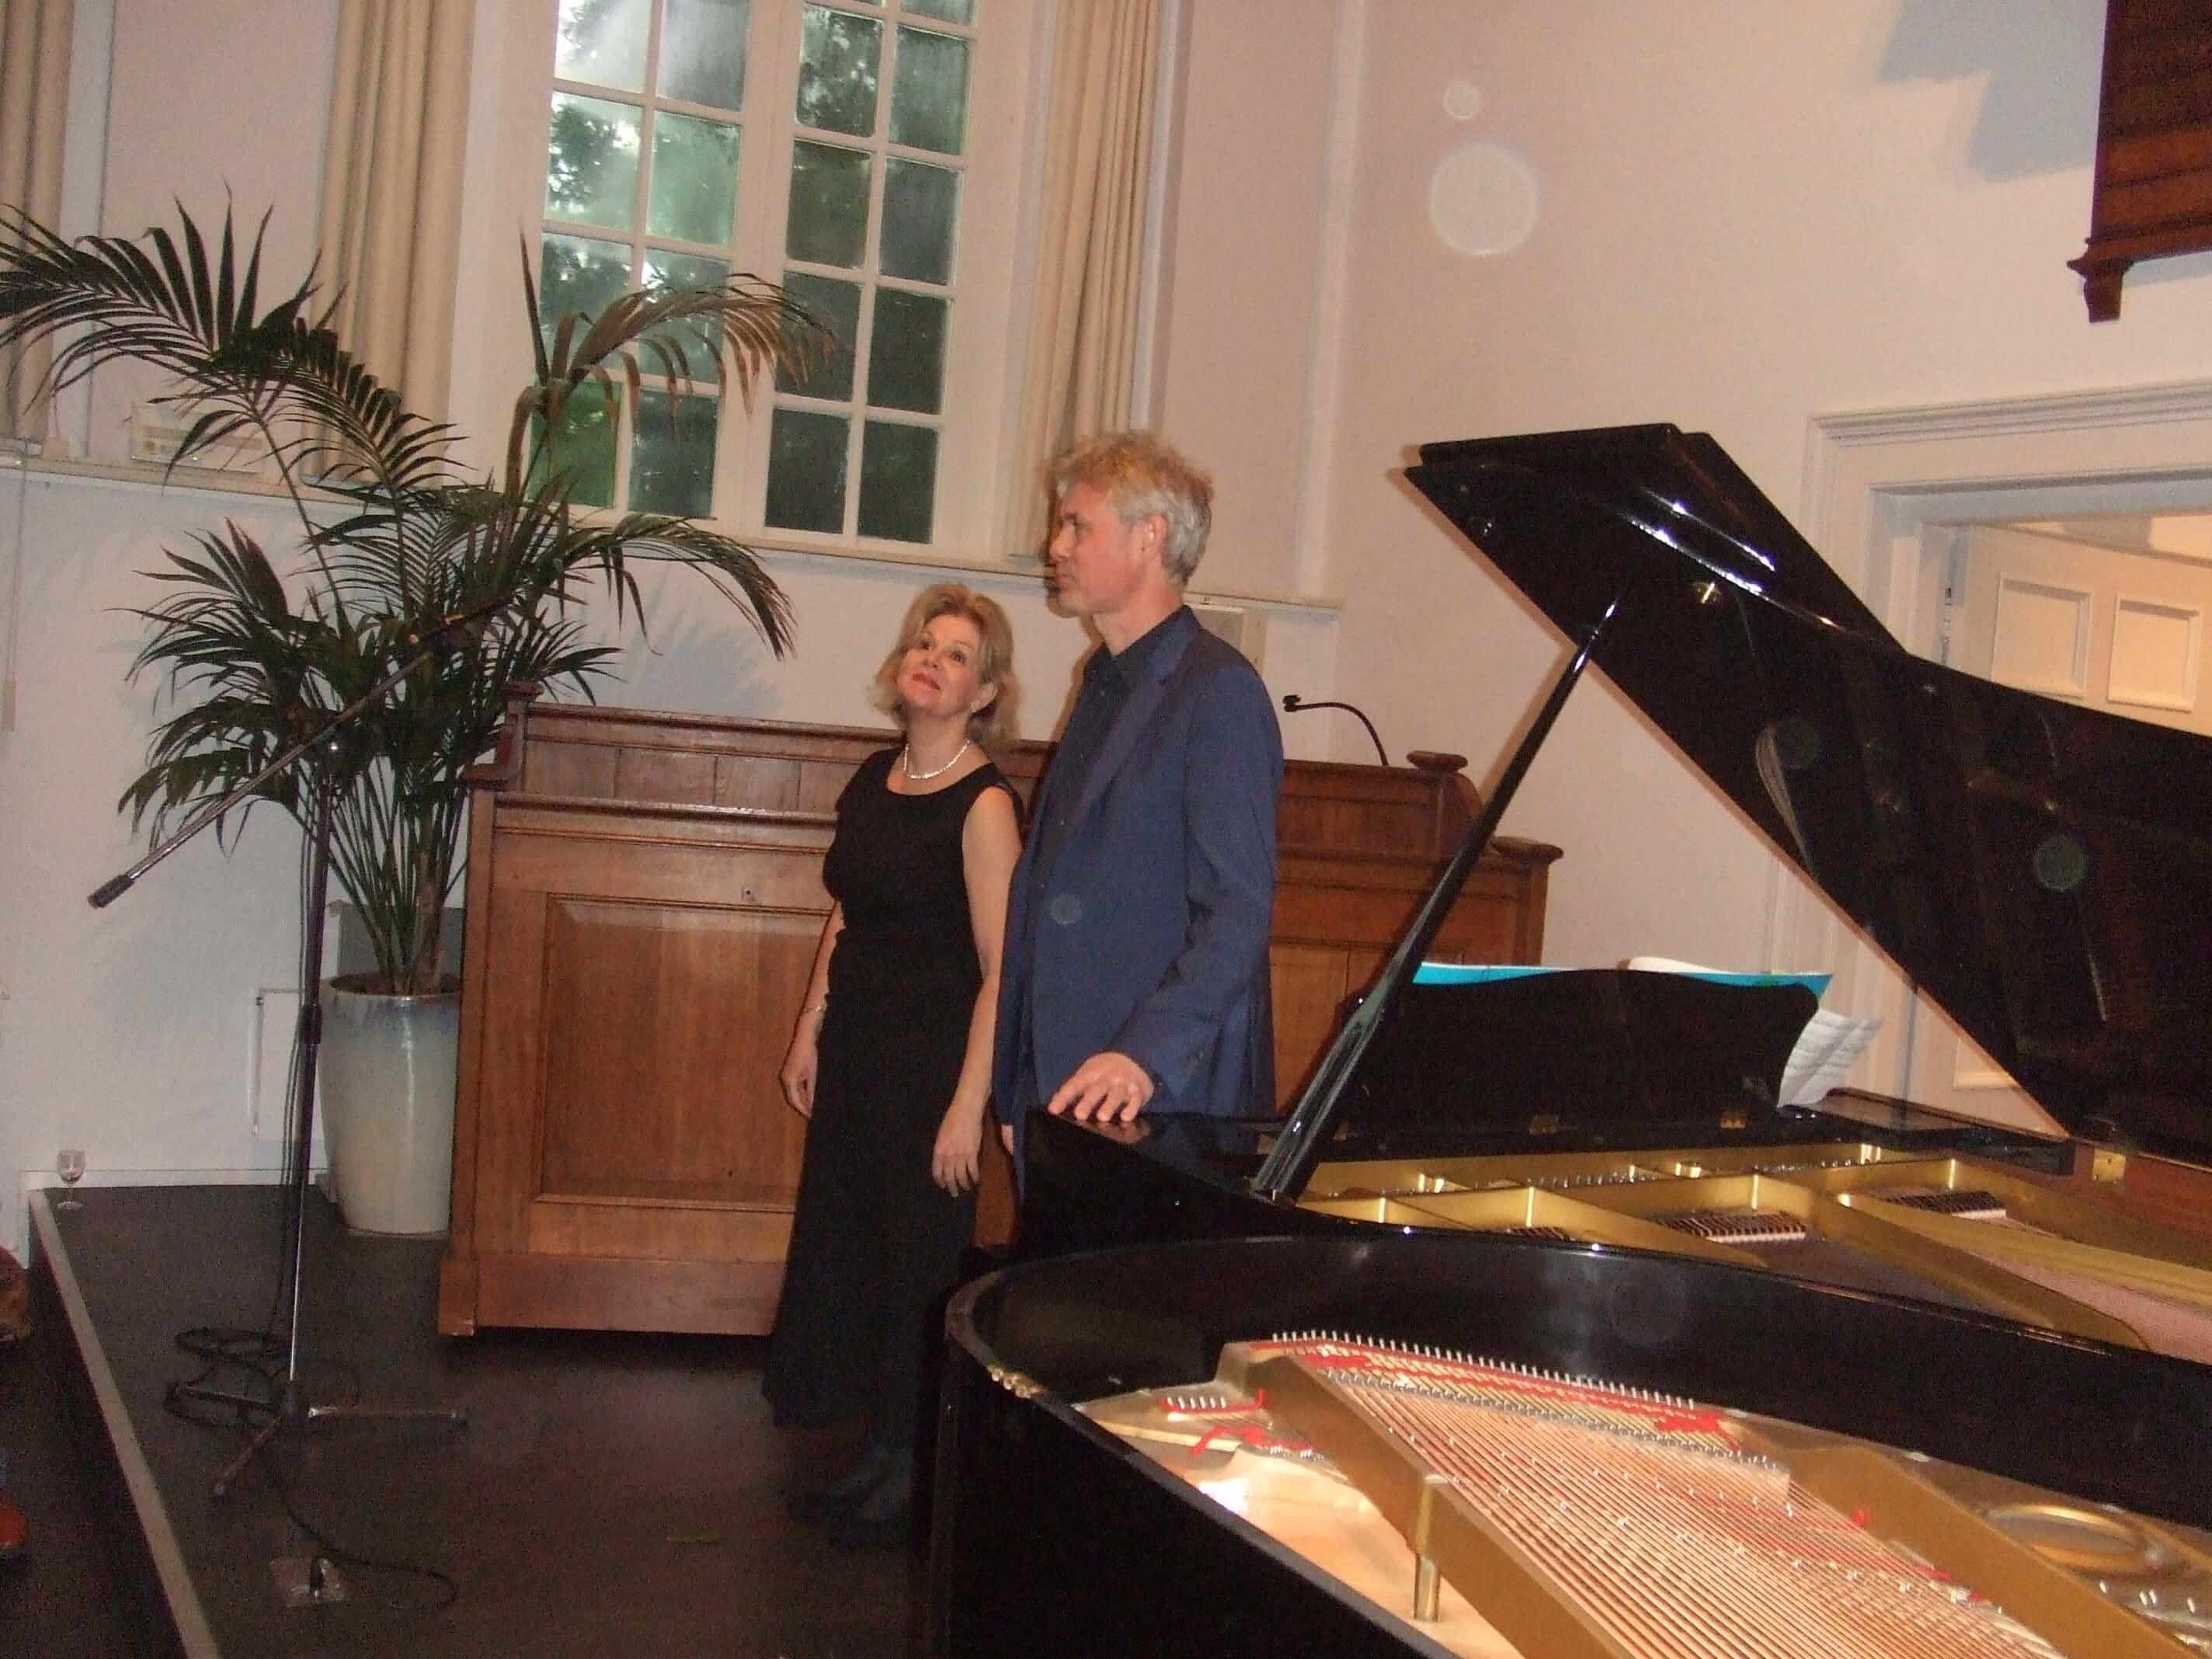 Dubbelgevleugeld Canto Ostinato klinkt groots in de Thamerkerk